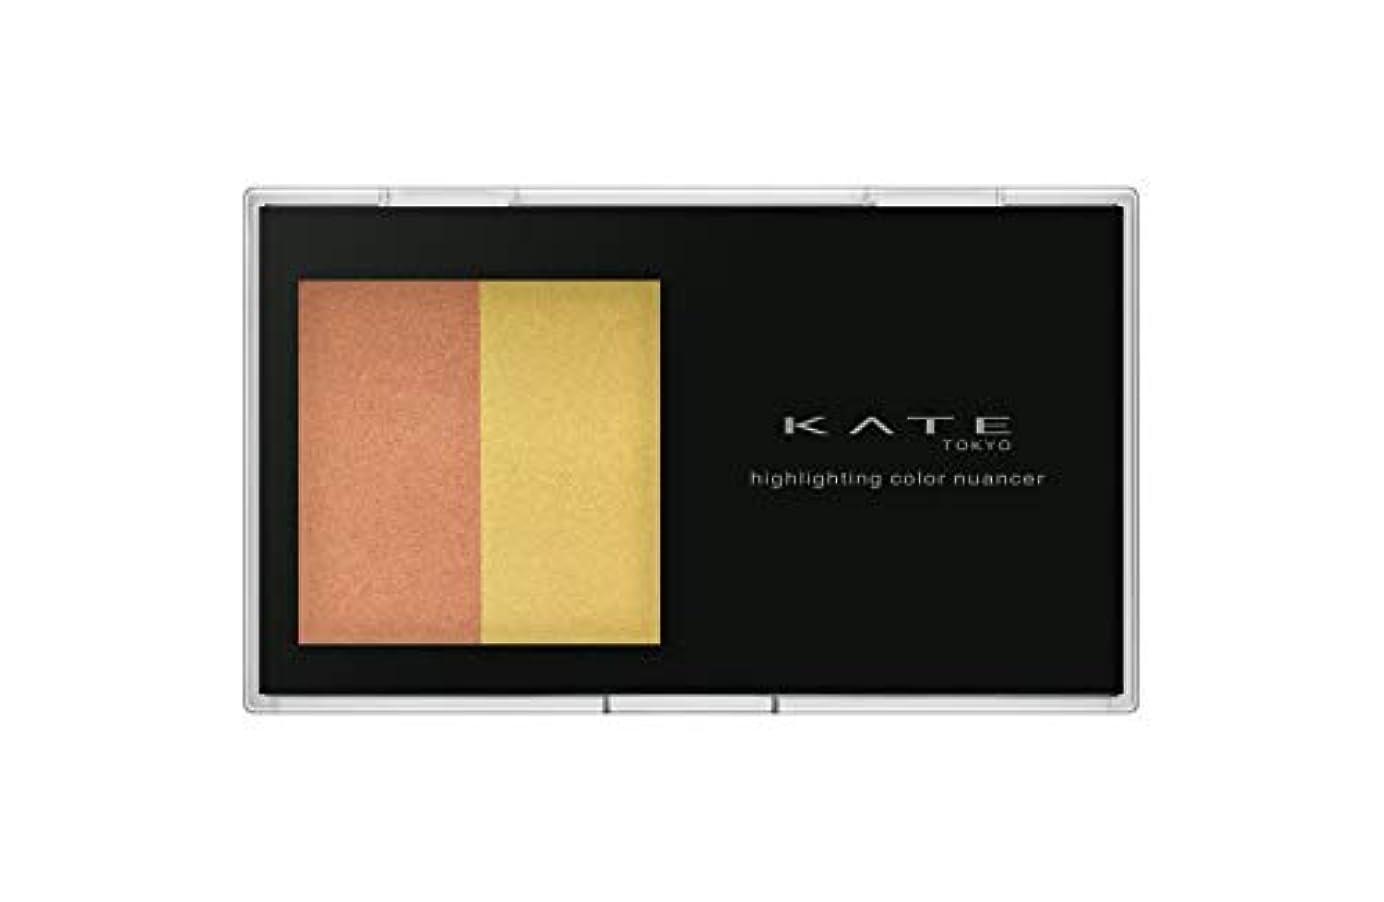 拮抗匿名とにかくKATE(ケイト) ケイト ハイライティングカラーニュアンサー EX-2 チーク オレンジ×イエロー 4.5g